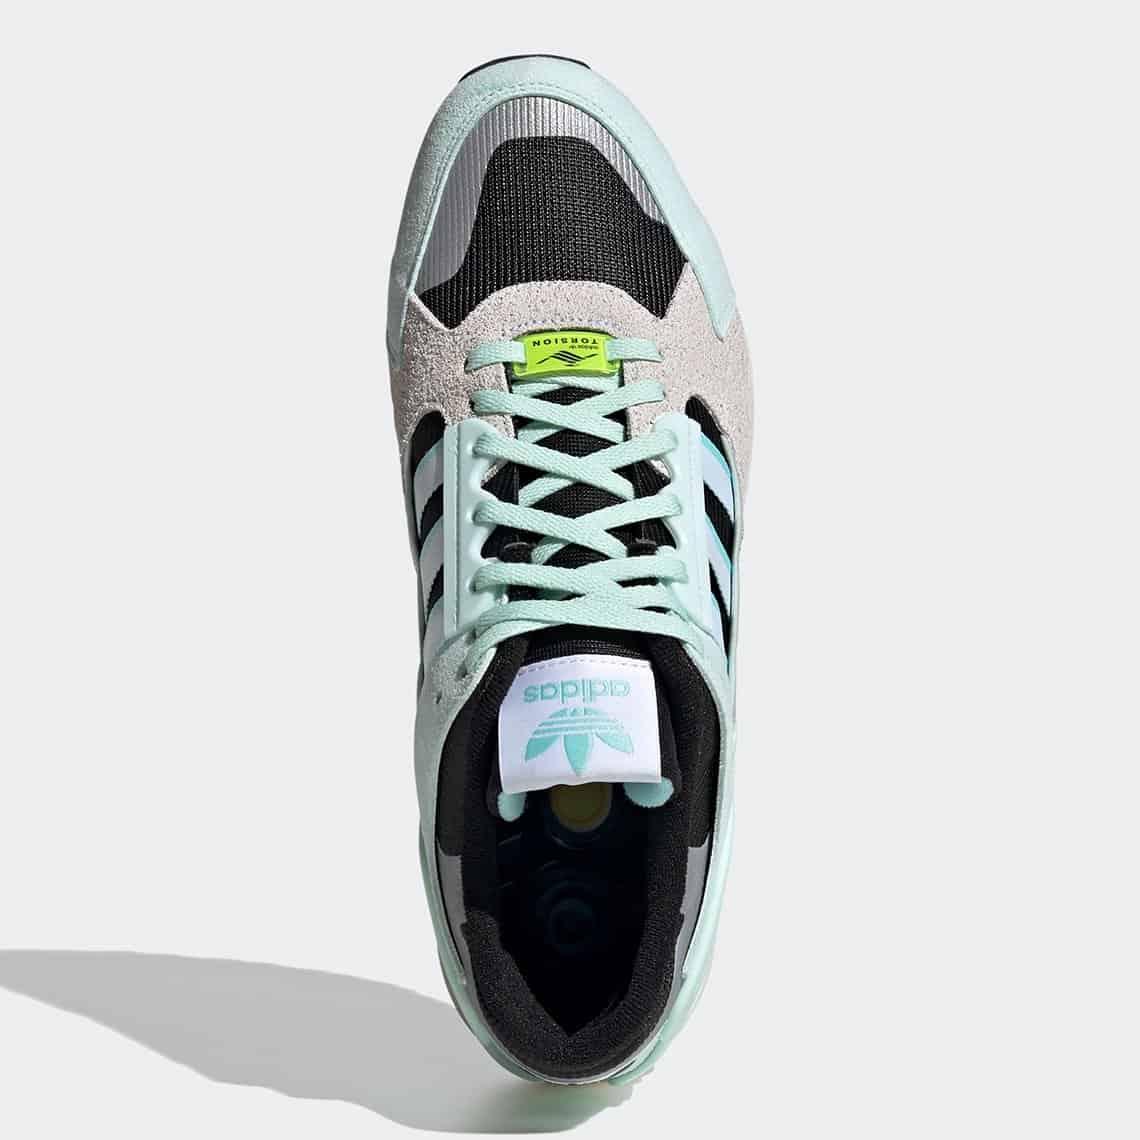 Adidas ZX 10000C FV3324 'Dash Green' 4